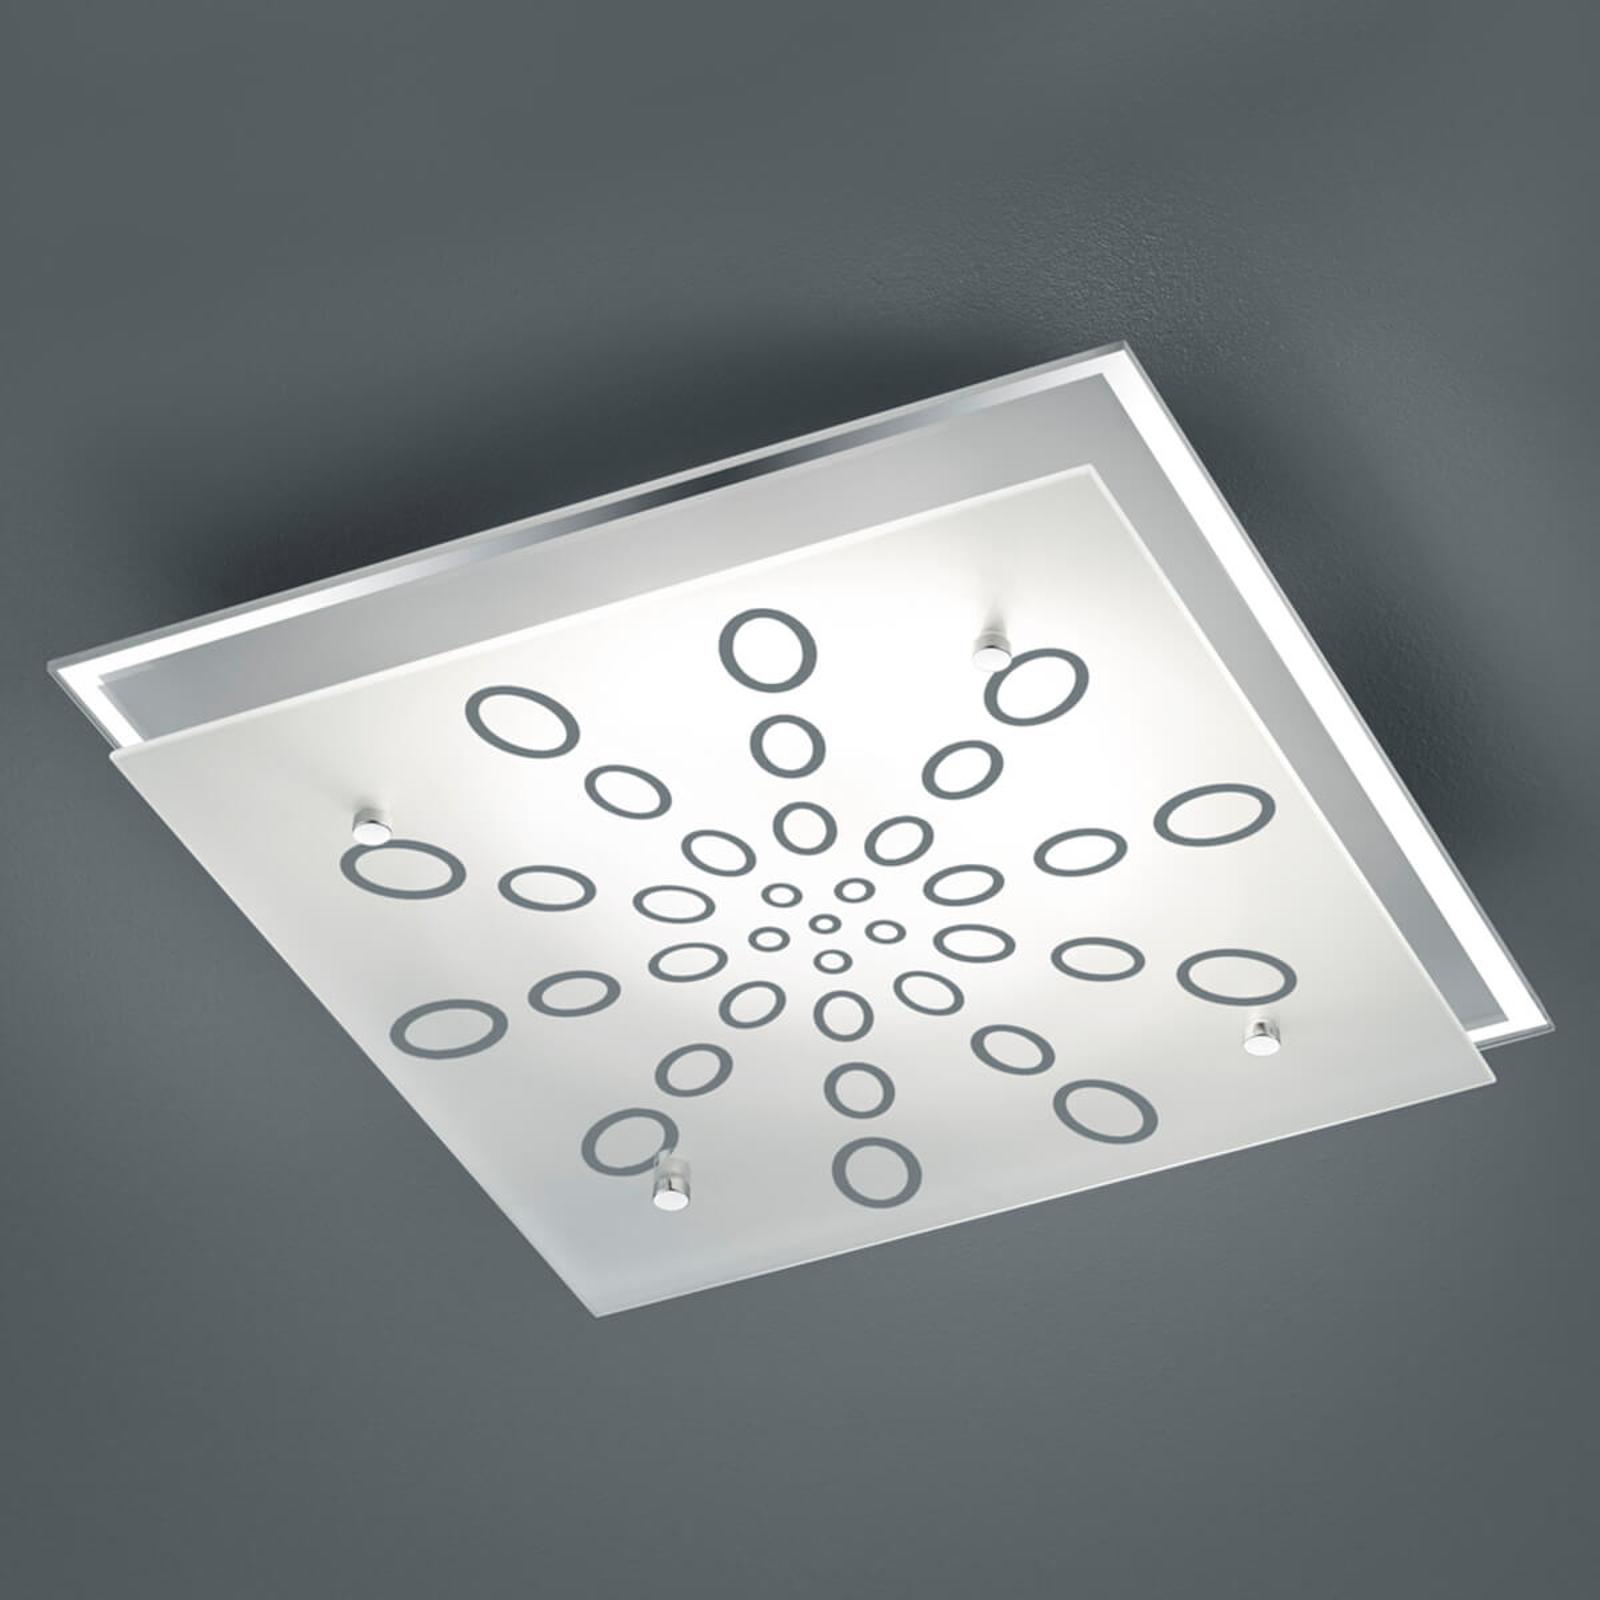 LED-kattovalaisin Dukat, himmennys seinäkytkimellä